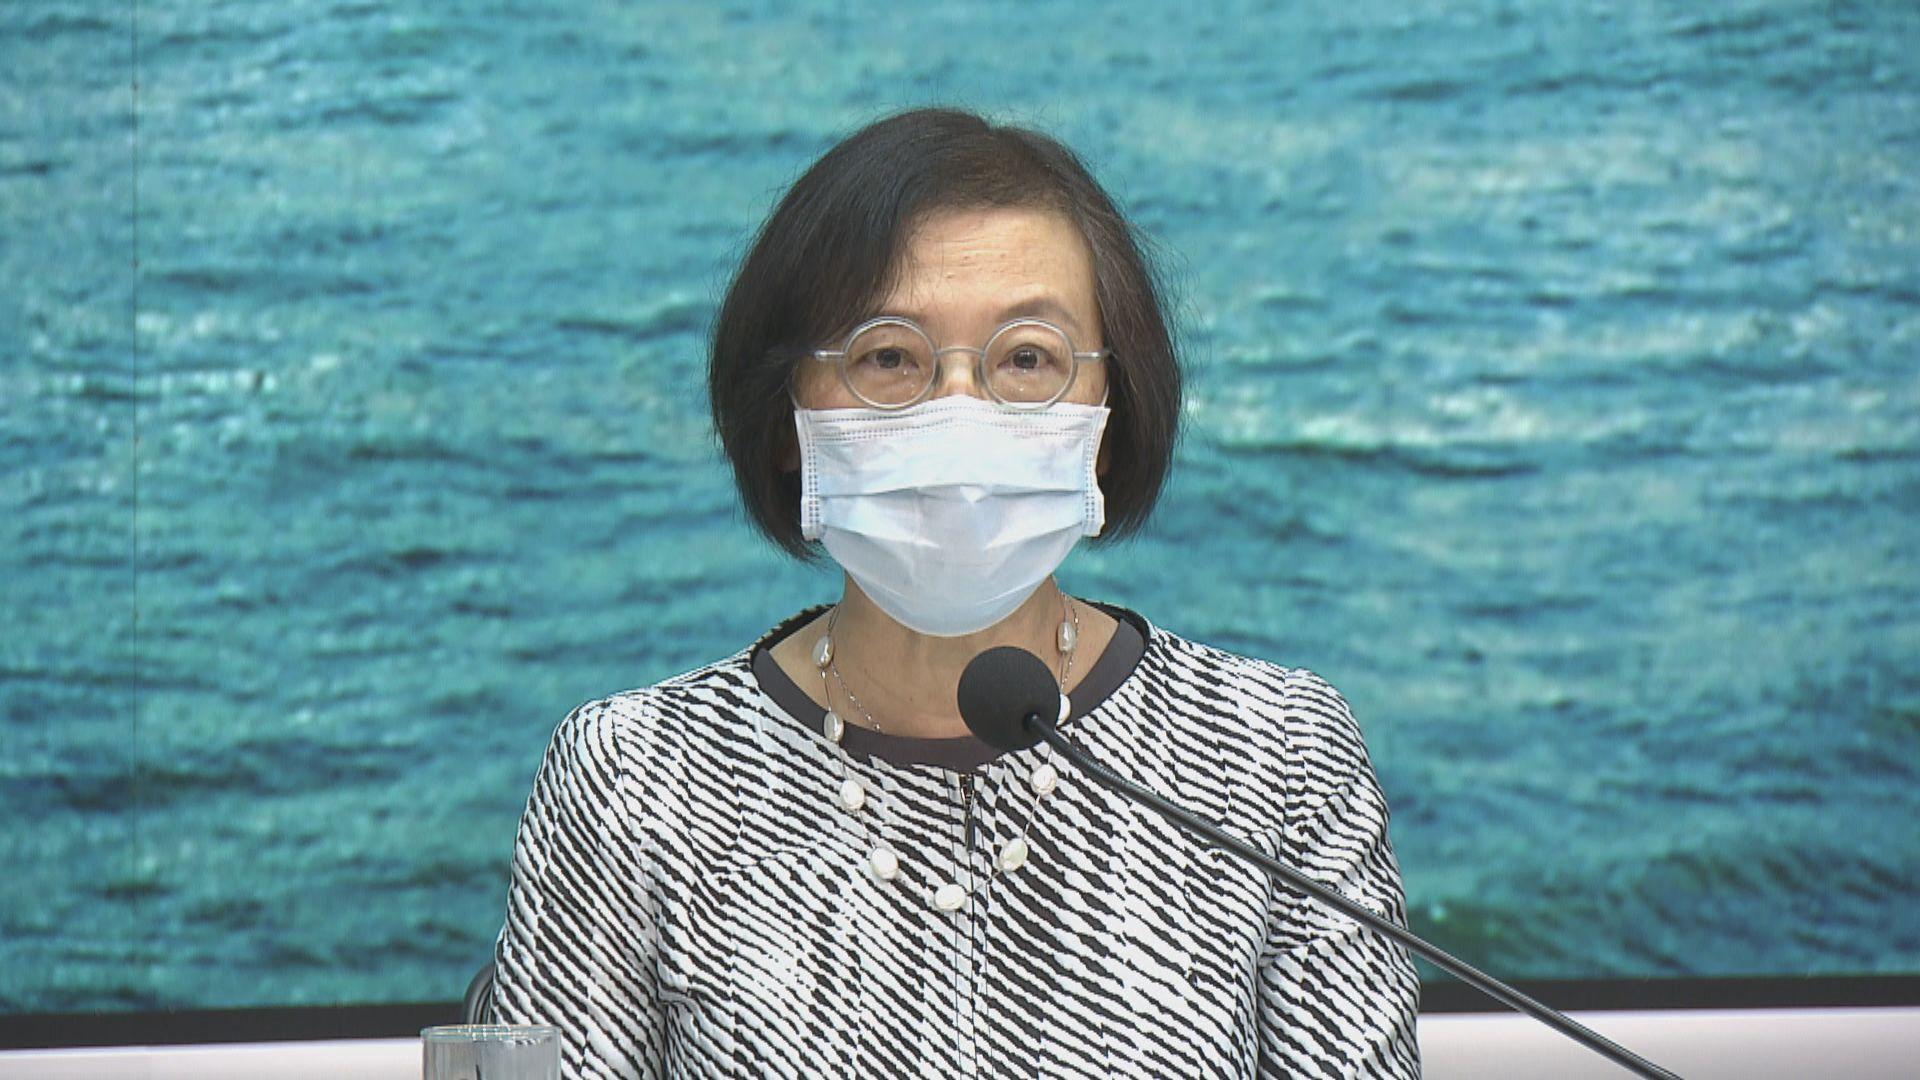 【最新】政府宣布內地來港人士強制檢疫安排延長至6月7日